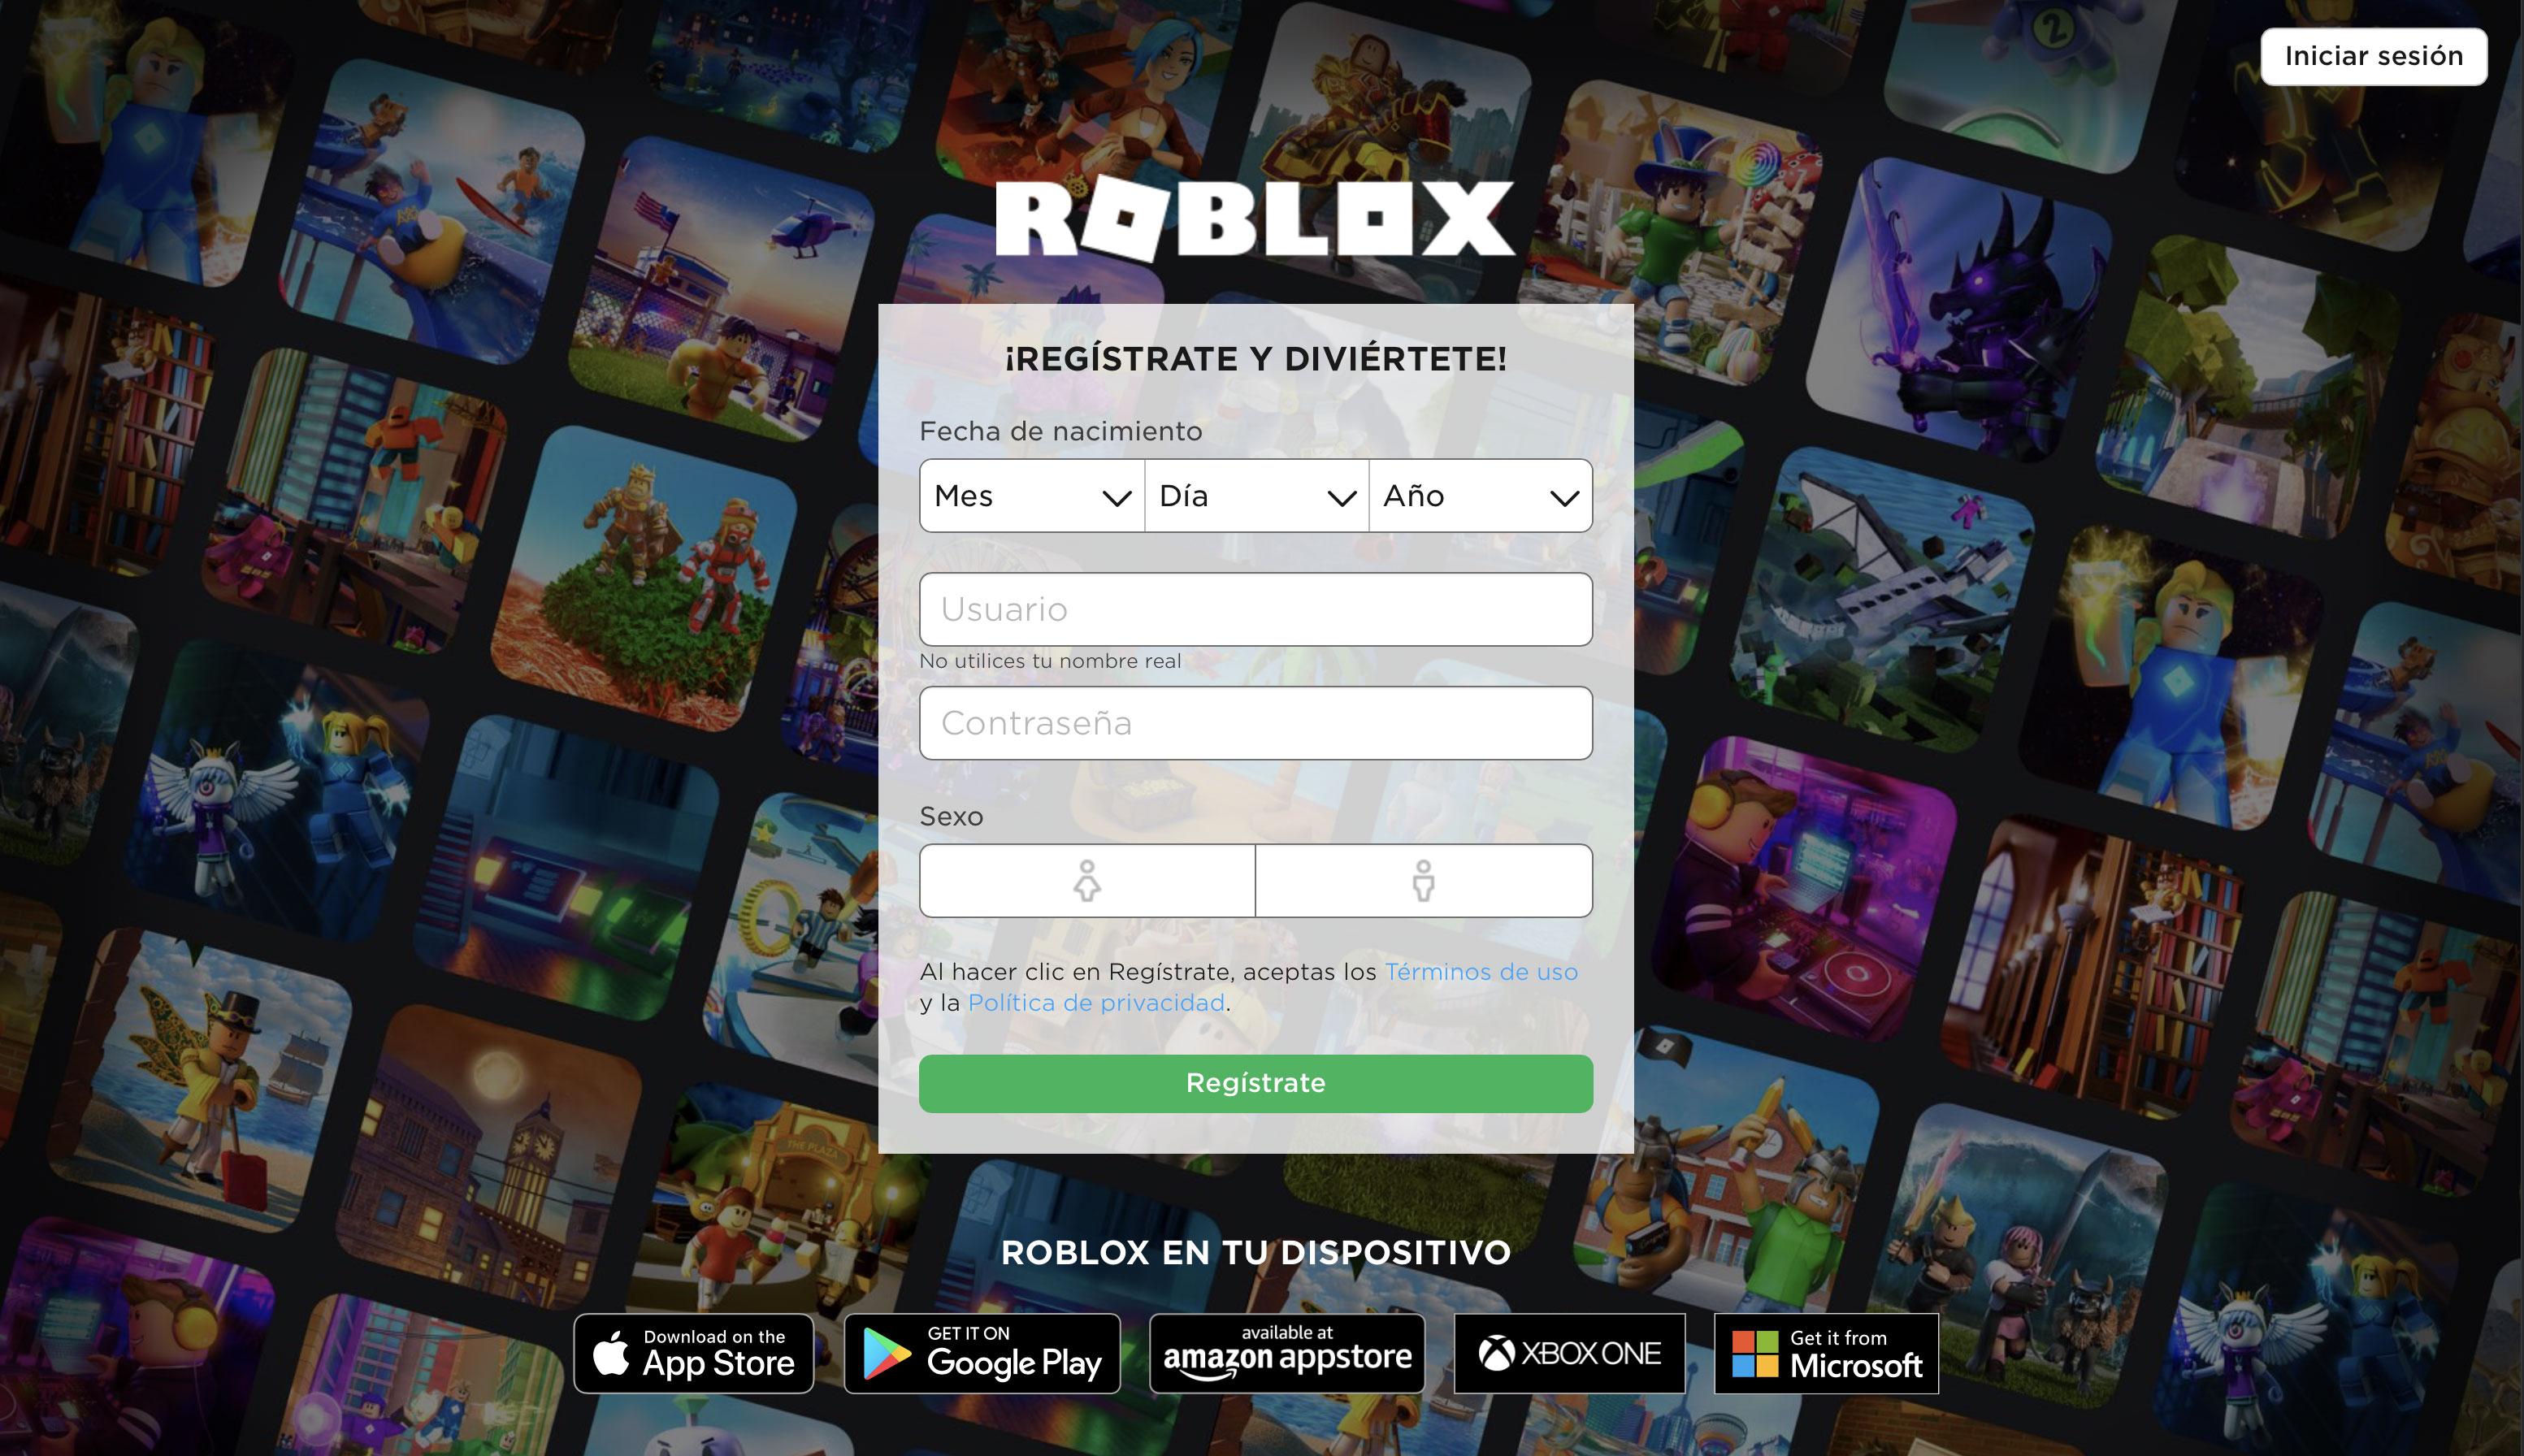 Como Descargar Roblox Y Jugar Gratis En Windows Pc O Mac